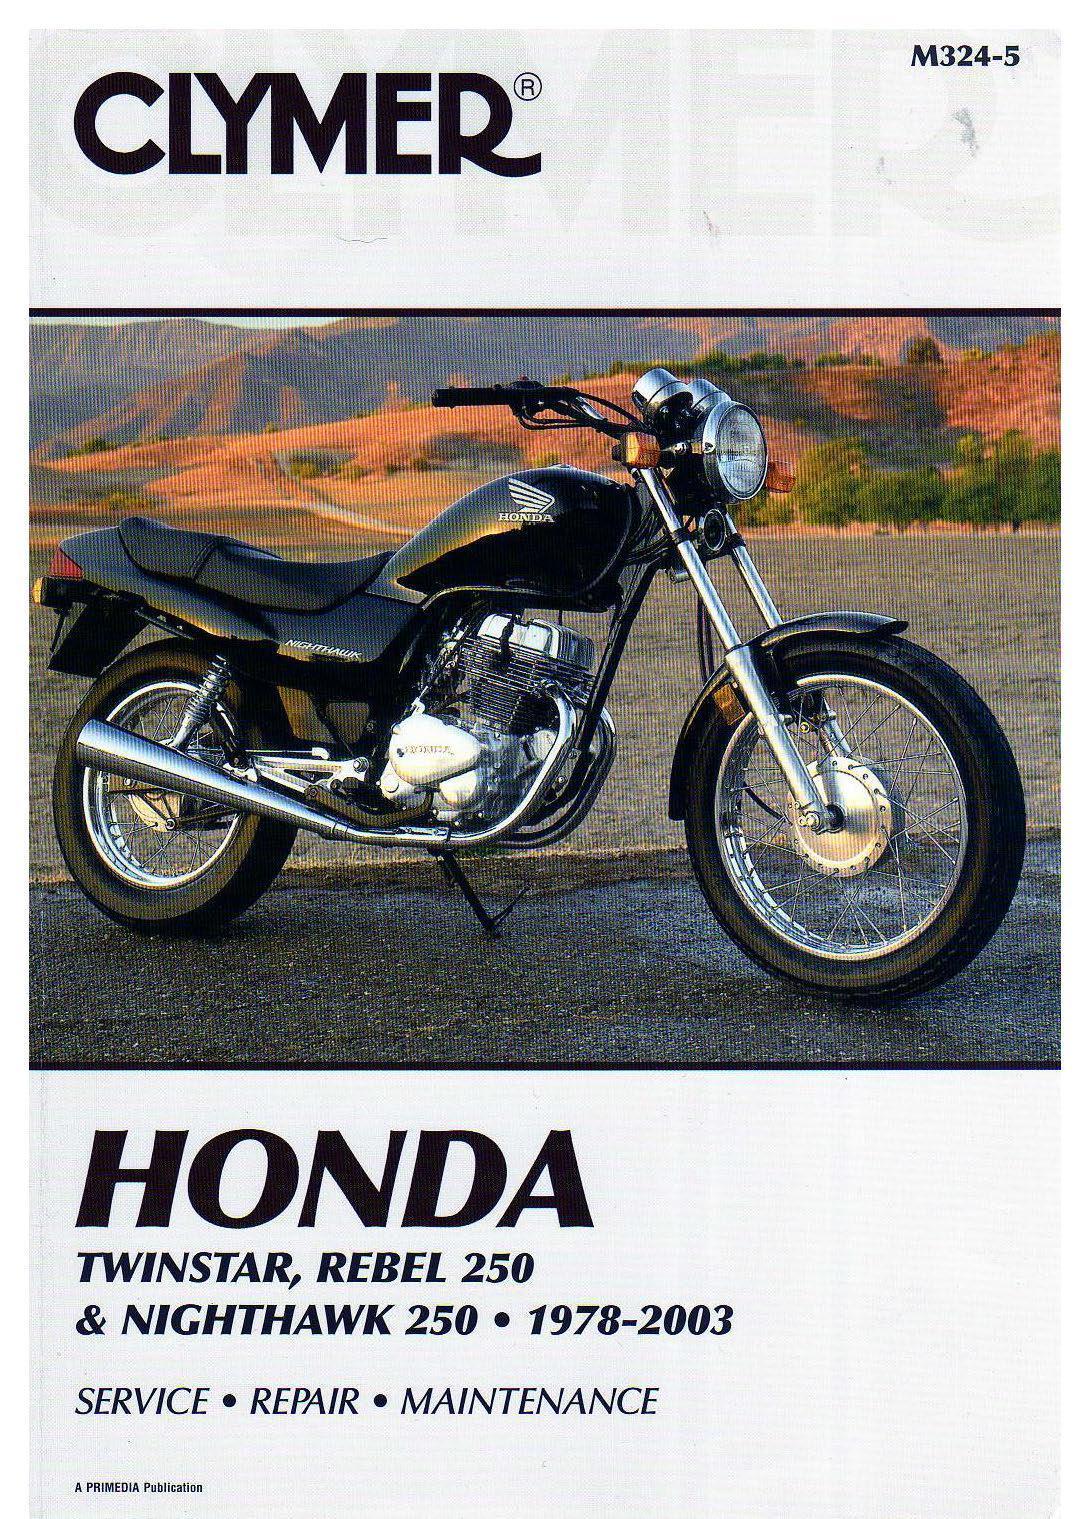 Workshop manual CMX250 Rebel / Twinstar / Nighthawk (1978-2003)